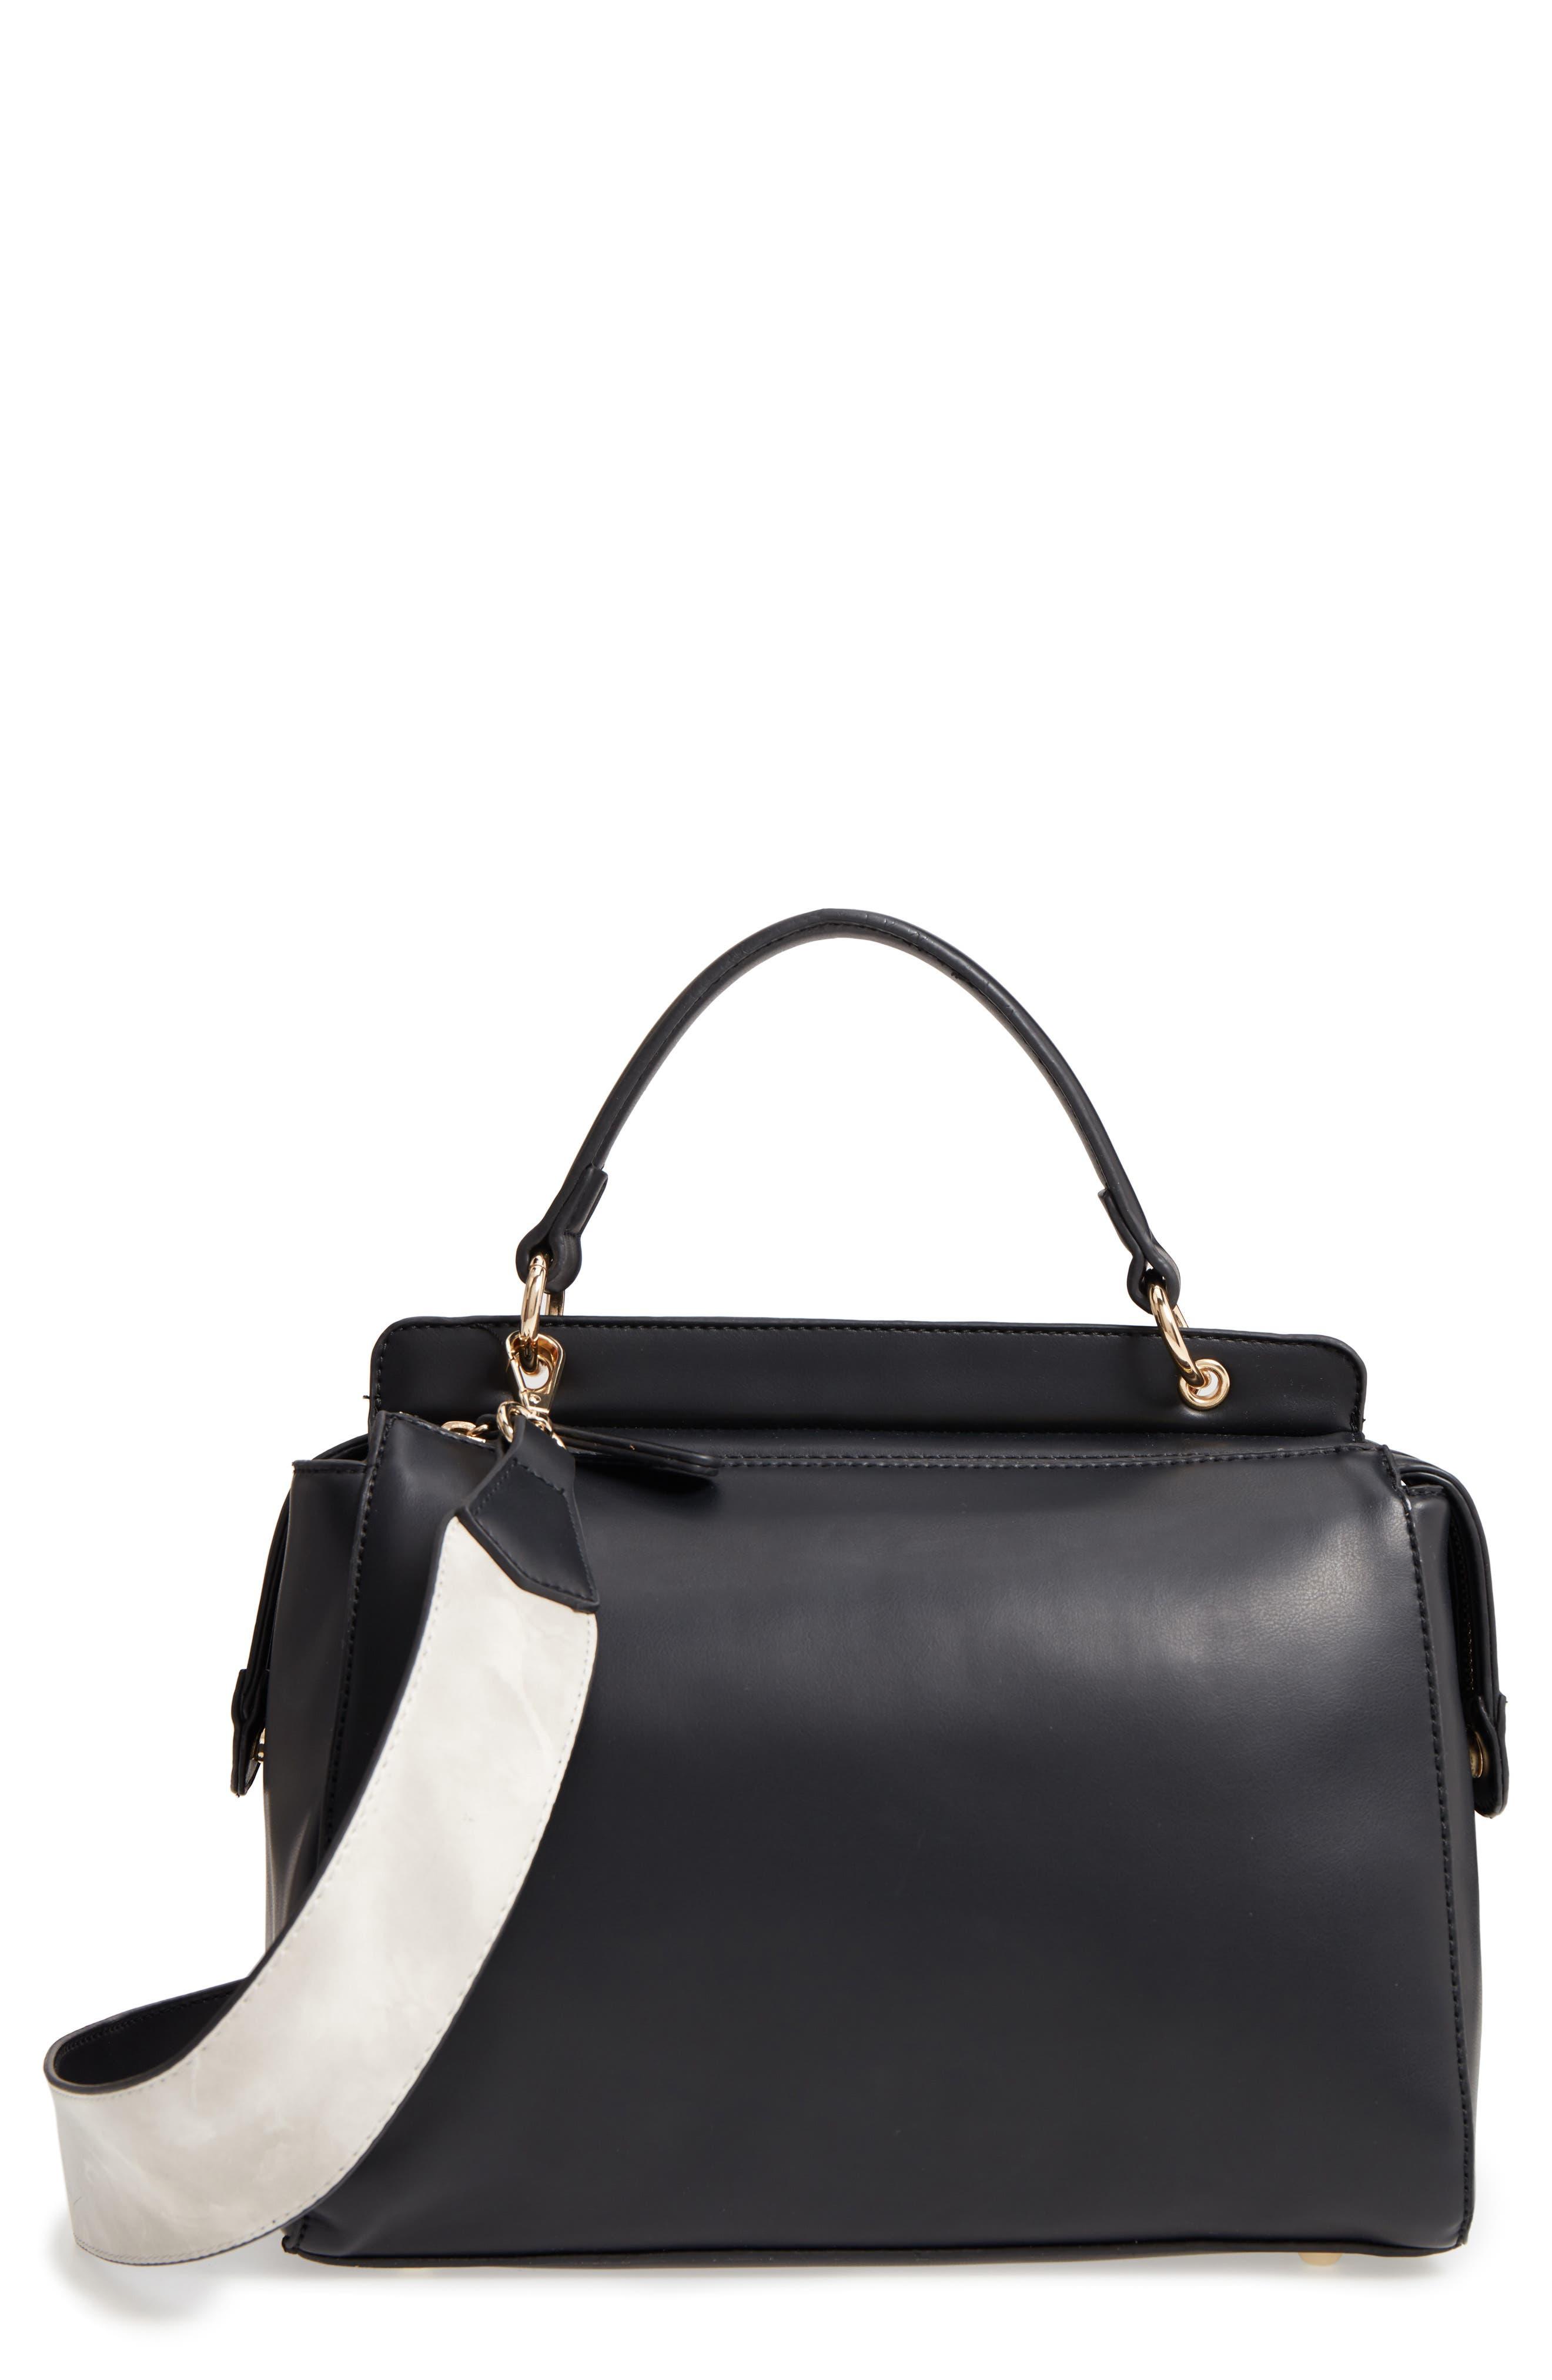 Jayleen Faux Leather Satchel,                             Main thumbnail 1, color,                             Black